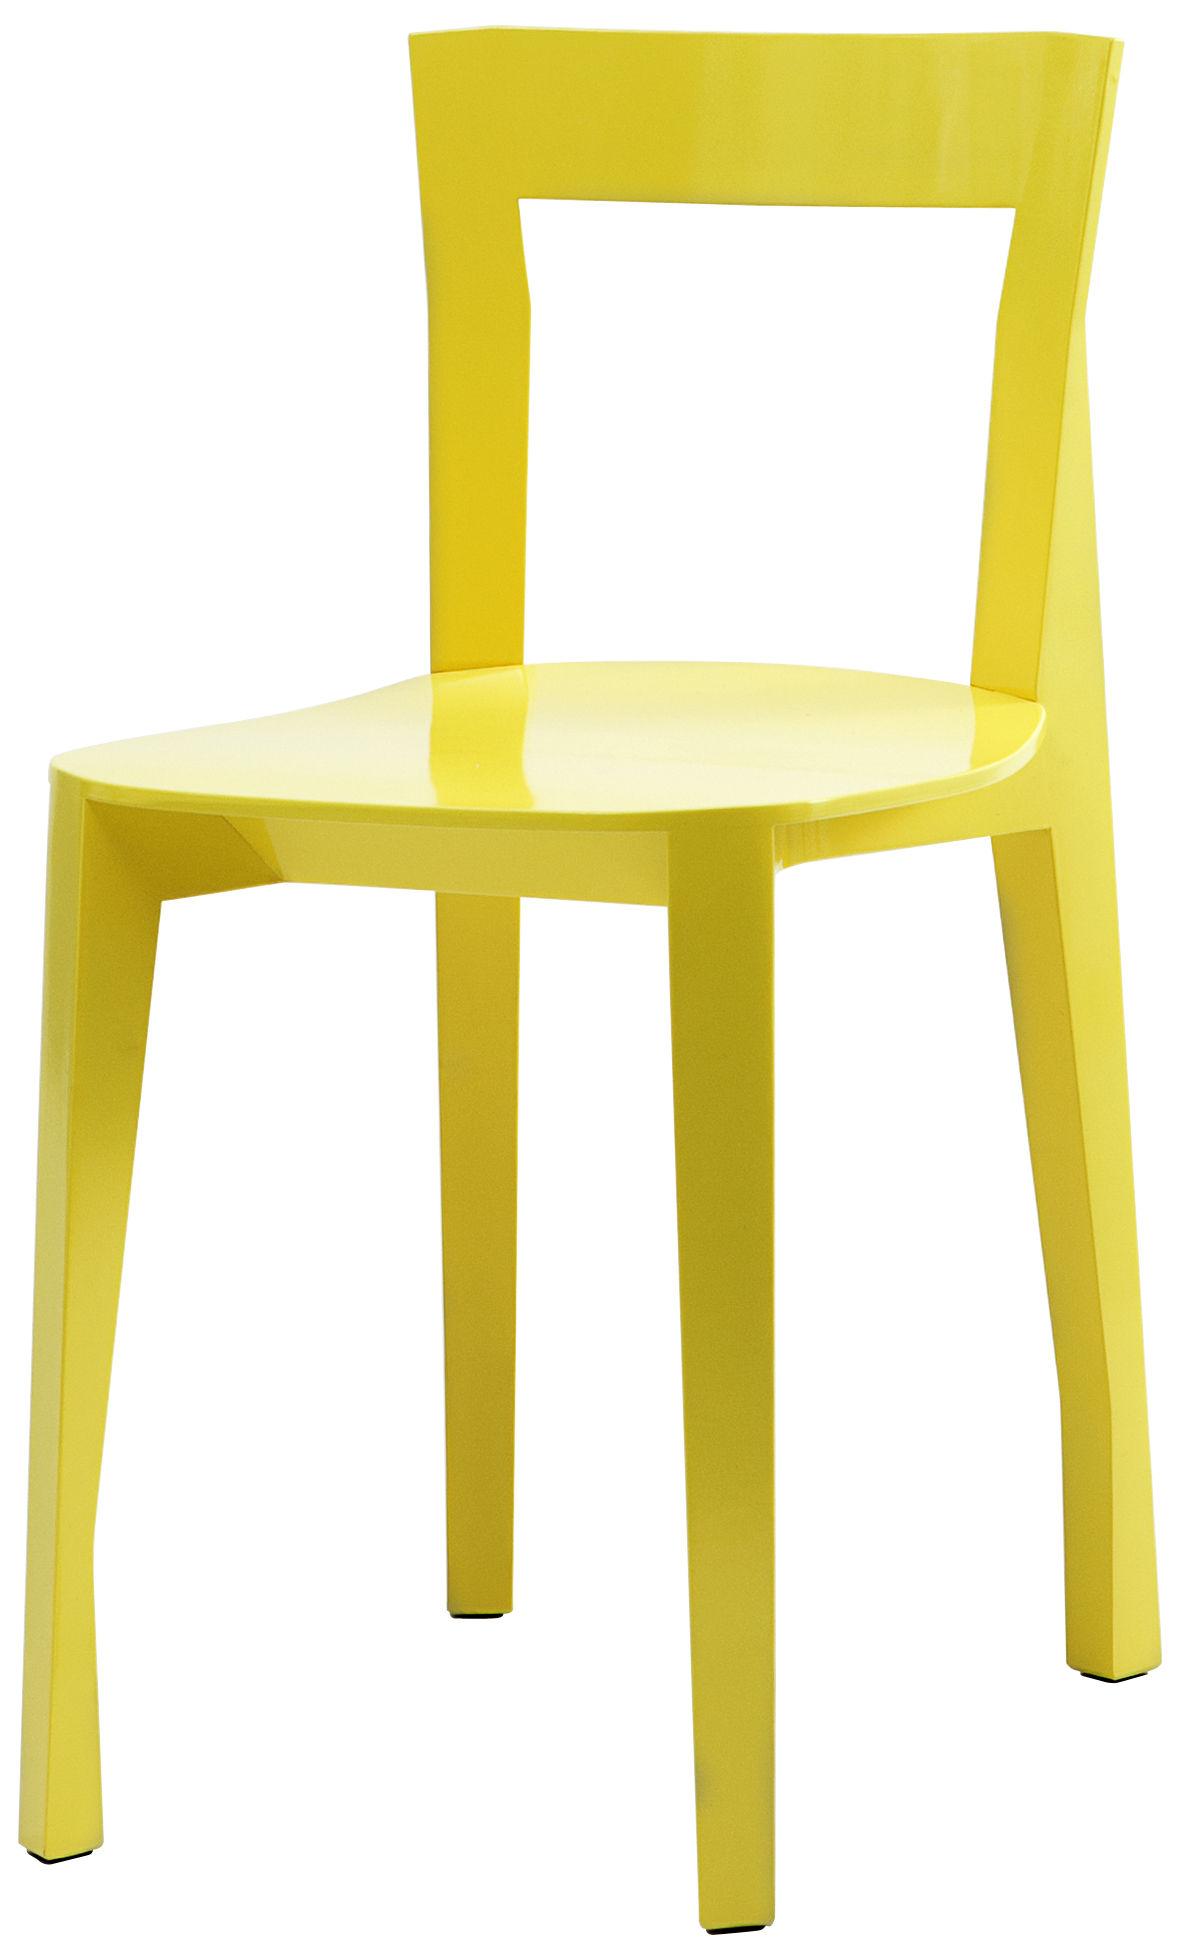 Mobilier - Chaises, fauteuils de salle à manger - Chaise Quadrille / Bois - Moustache - Jaune - Contreplaqué de frêne, Frêne massif